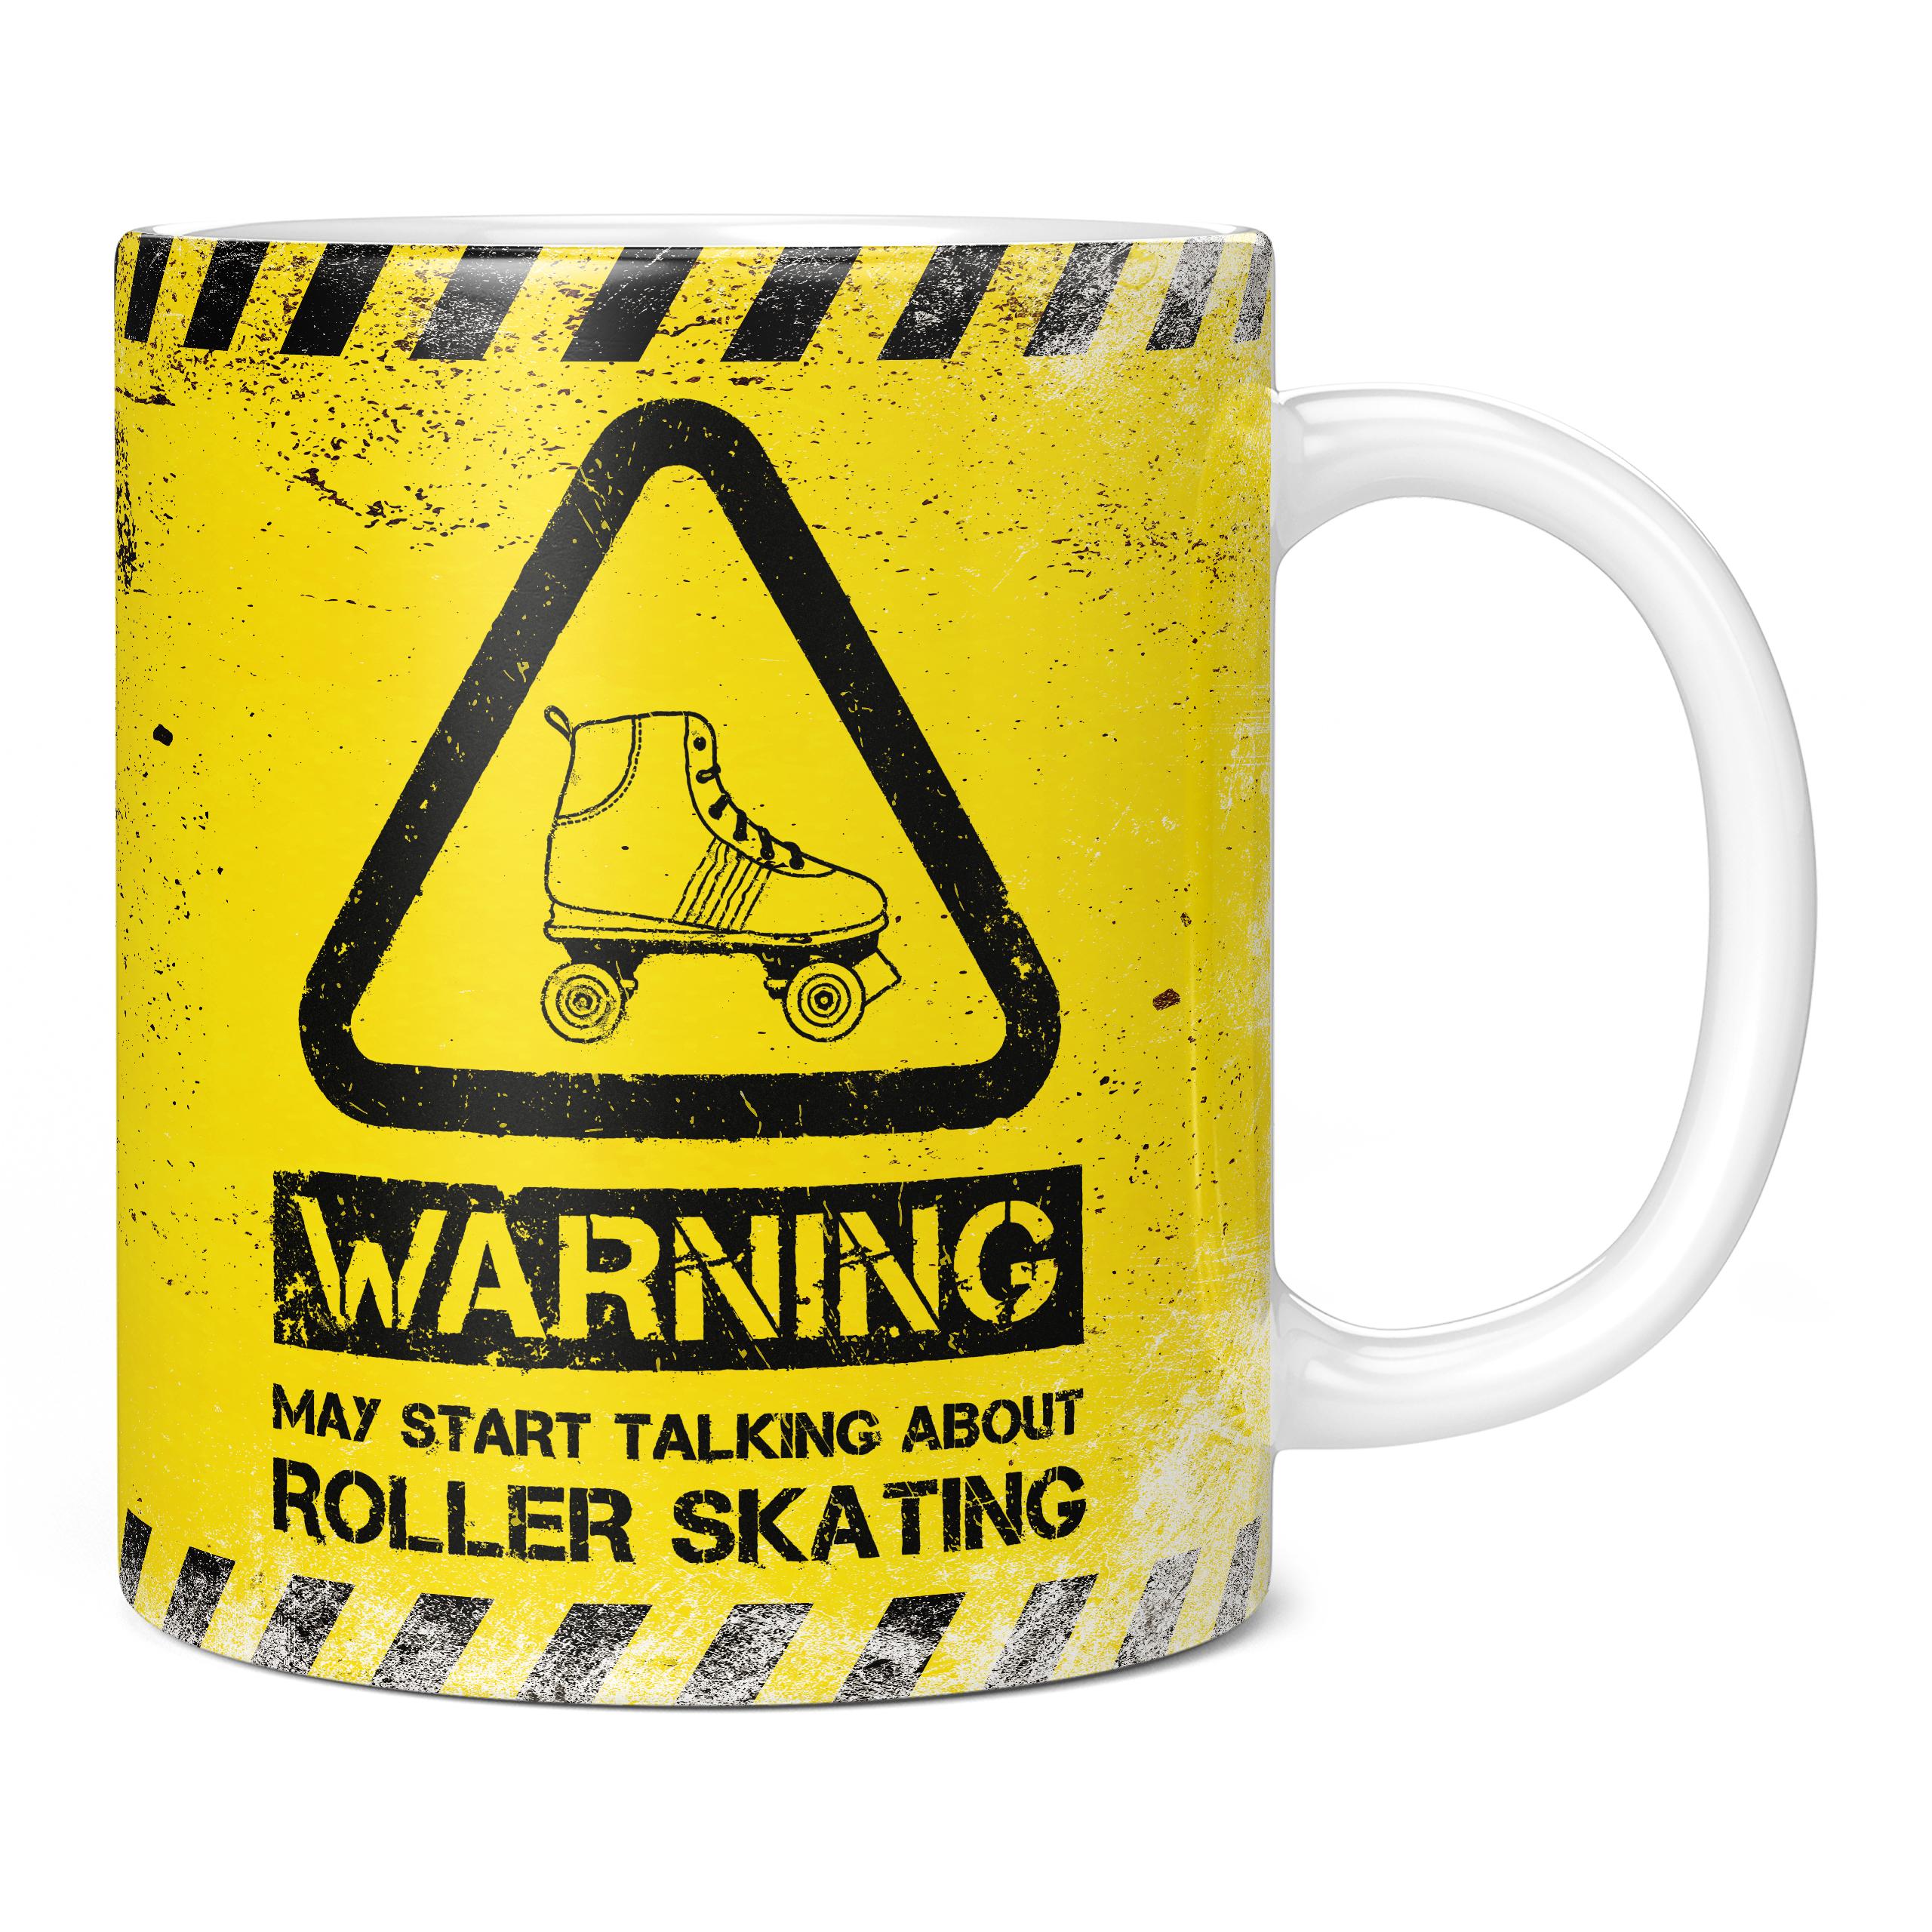 WARNING MAY START TALKING ABOUT ROLLER SKATING 11OZ NOVELTY MUG